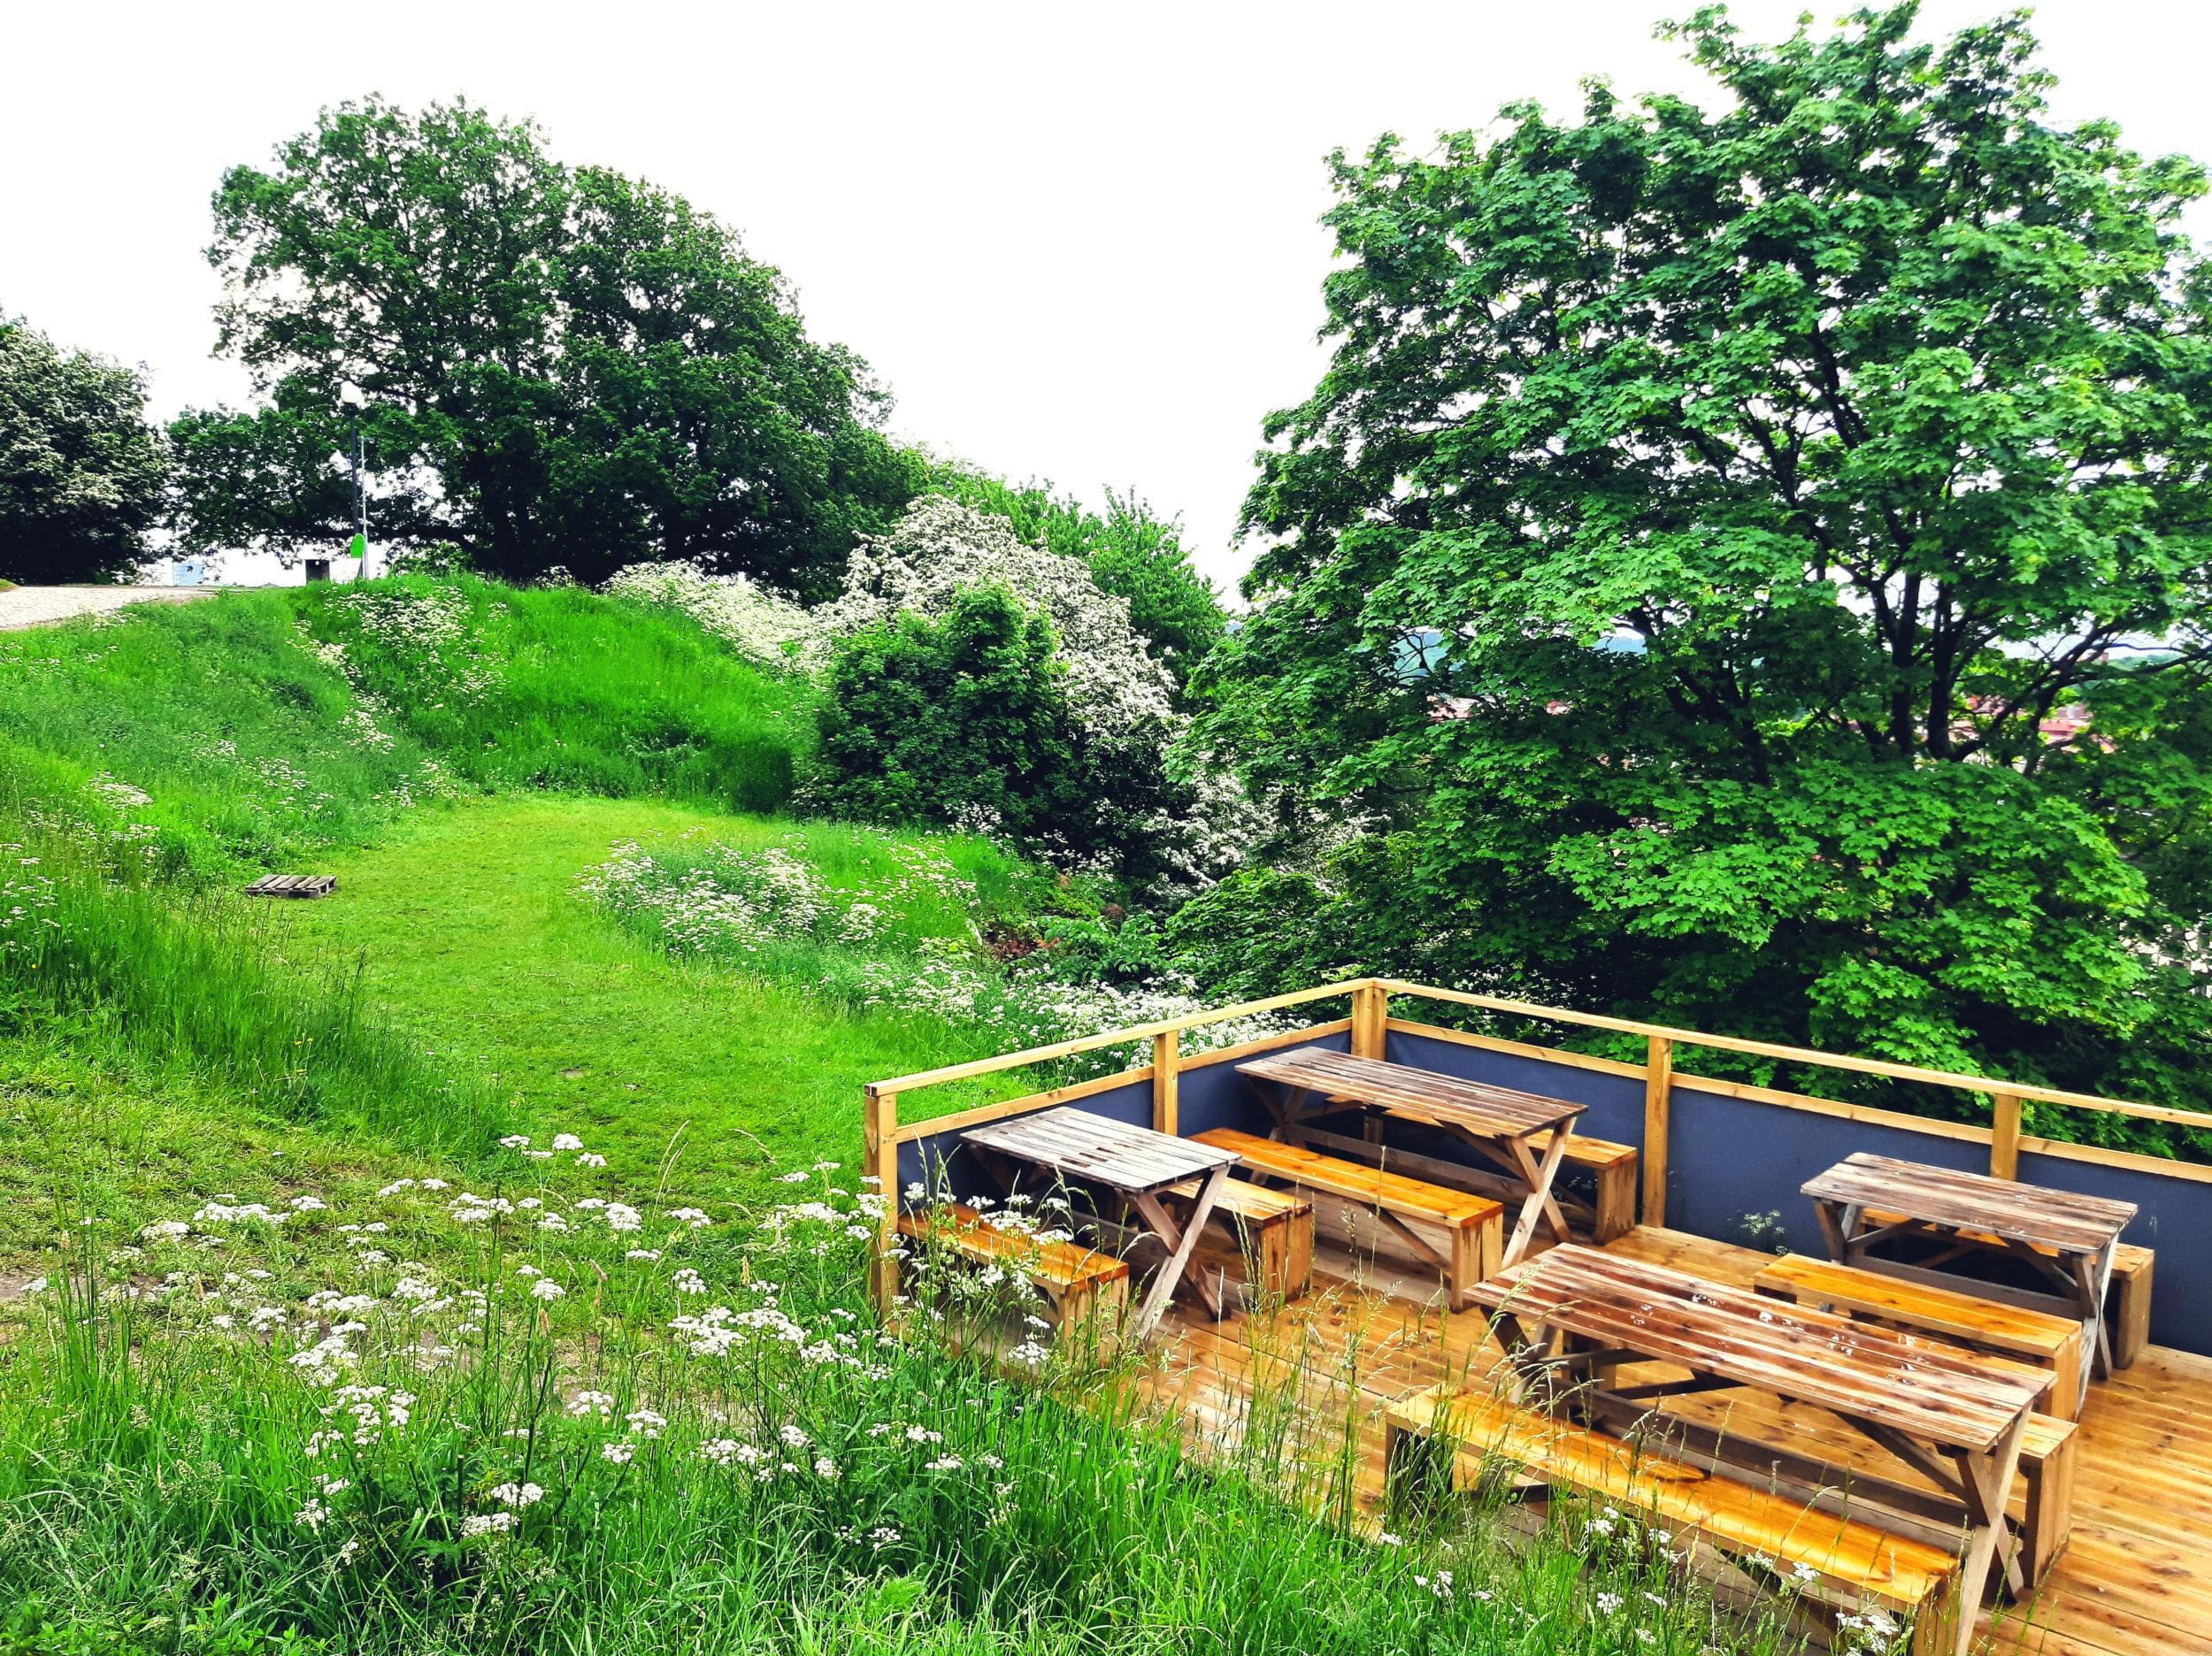 Del av uteserveringen bland grönska och blommor.